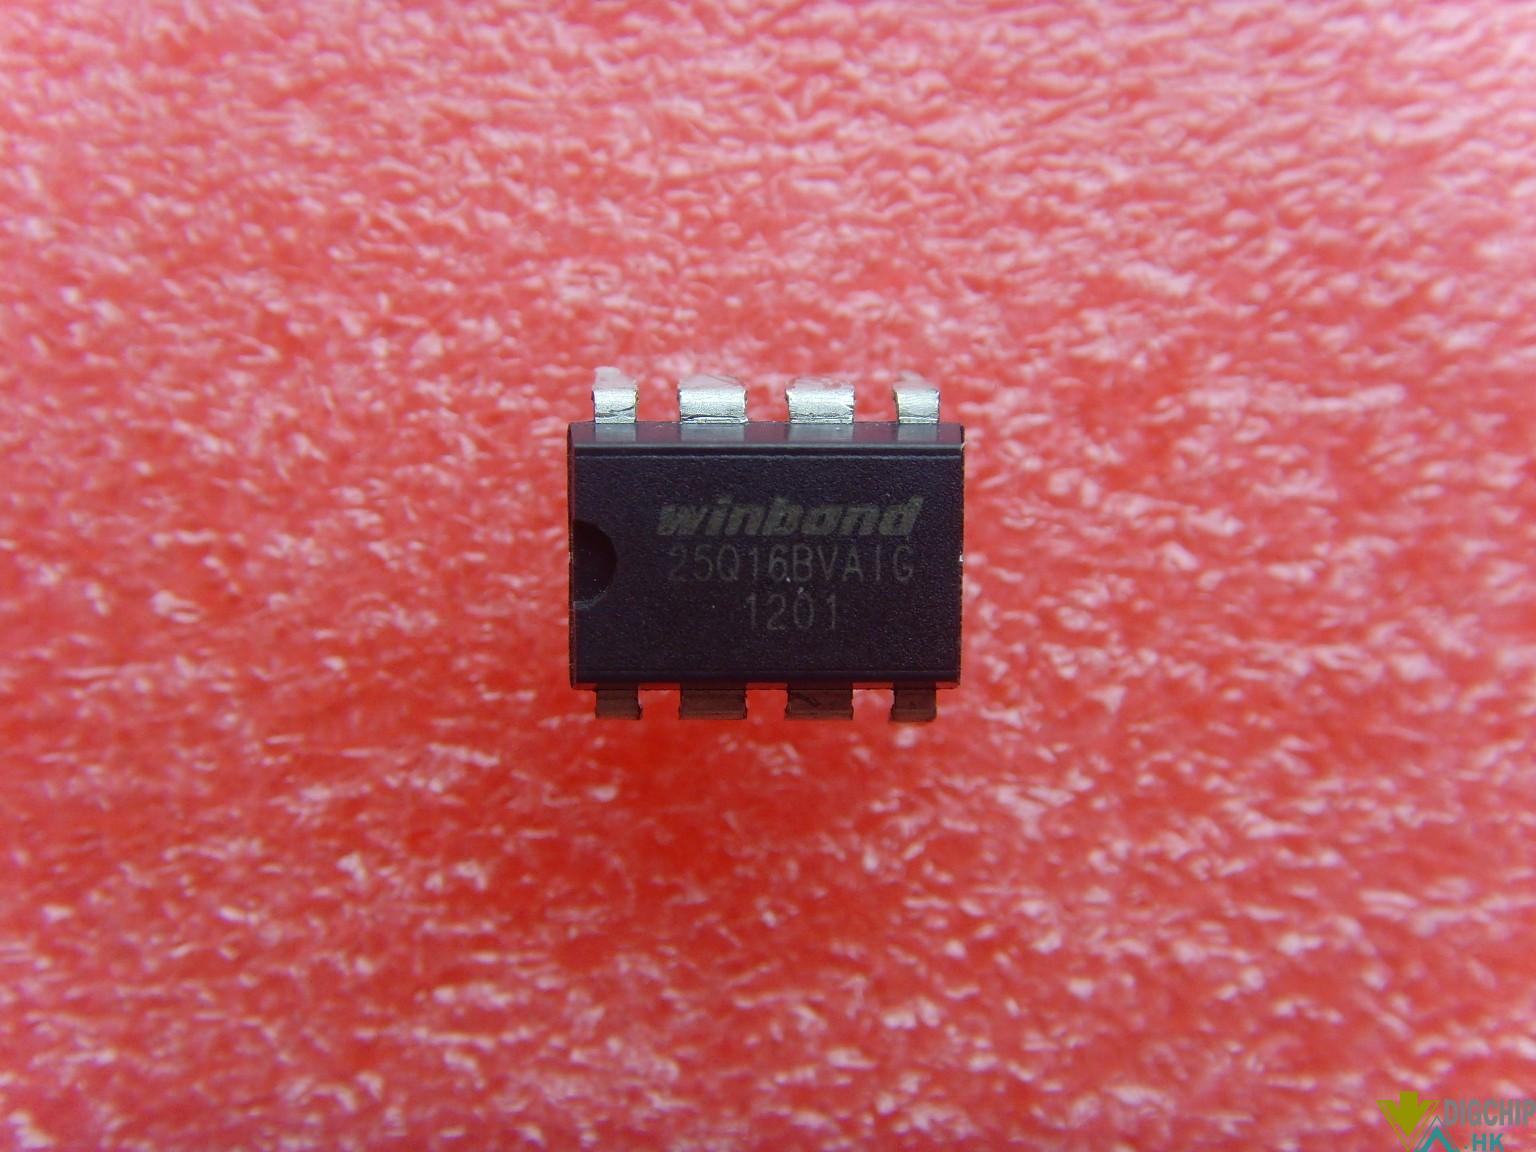 W25Q16BVAIG-Digchip hk Electronic Components Shop